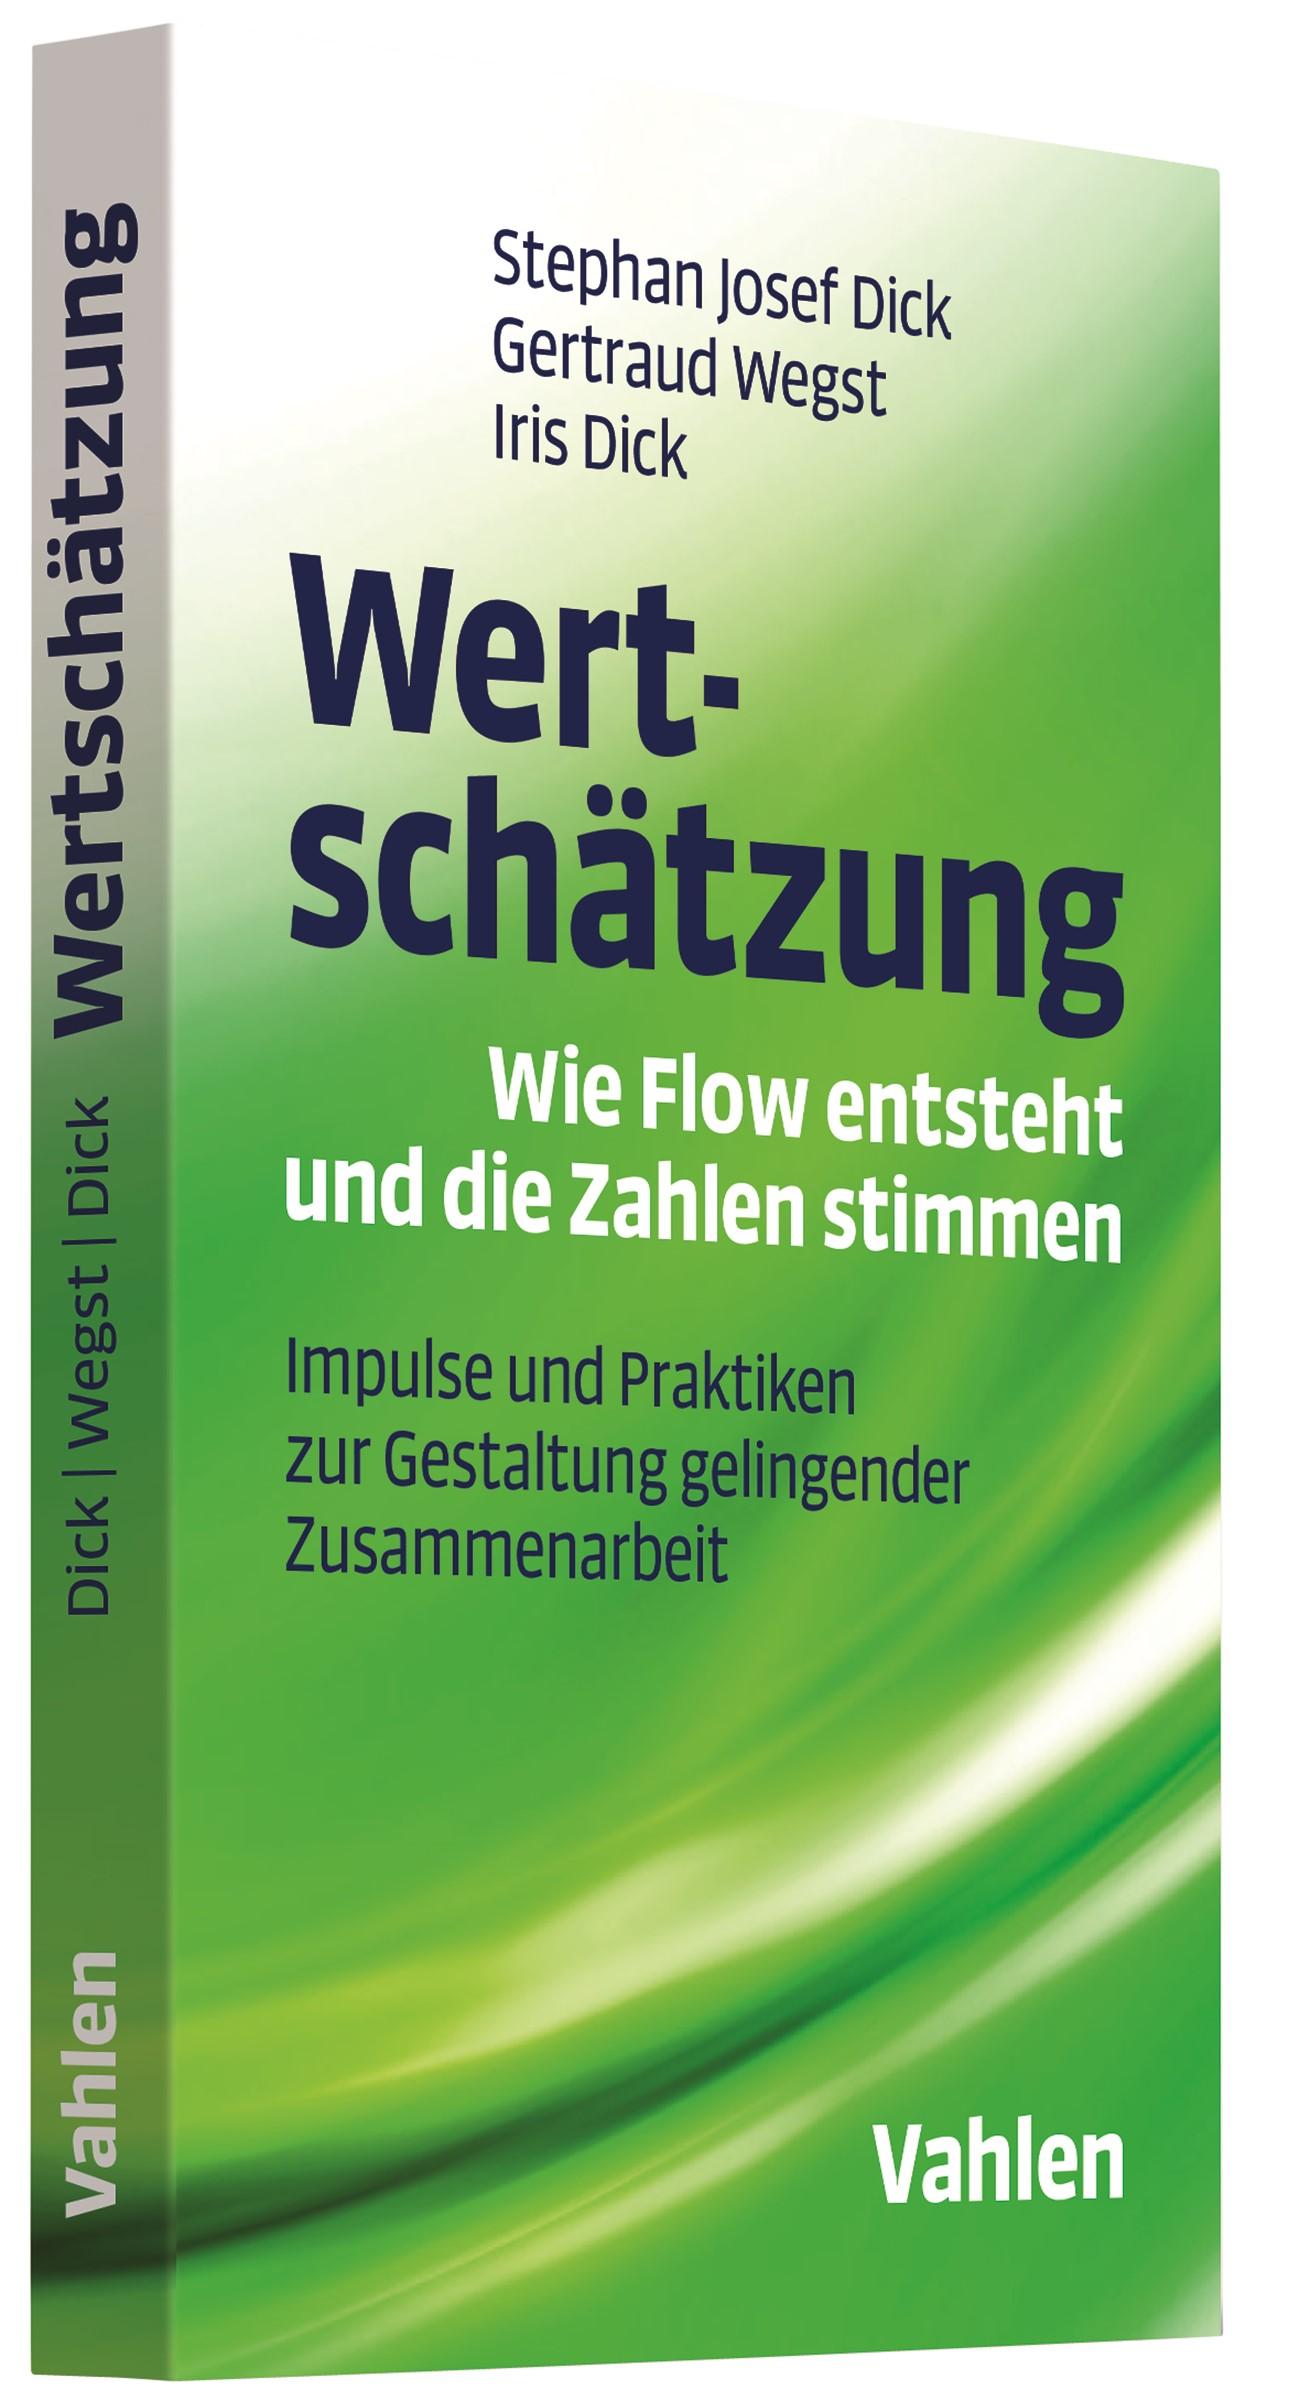 Wertschätzung - Wie Flow entsteht und die Zahlen stimmen | Dick / Wegst / Dick, 2017 | Buch (Cover)